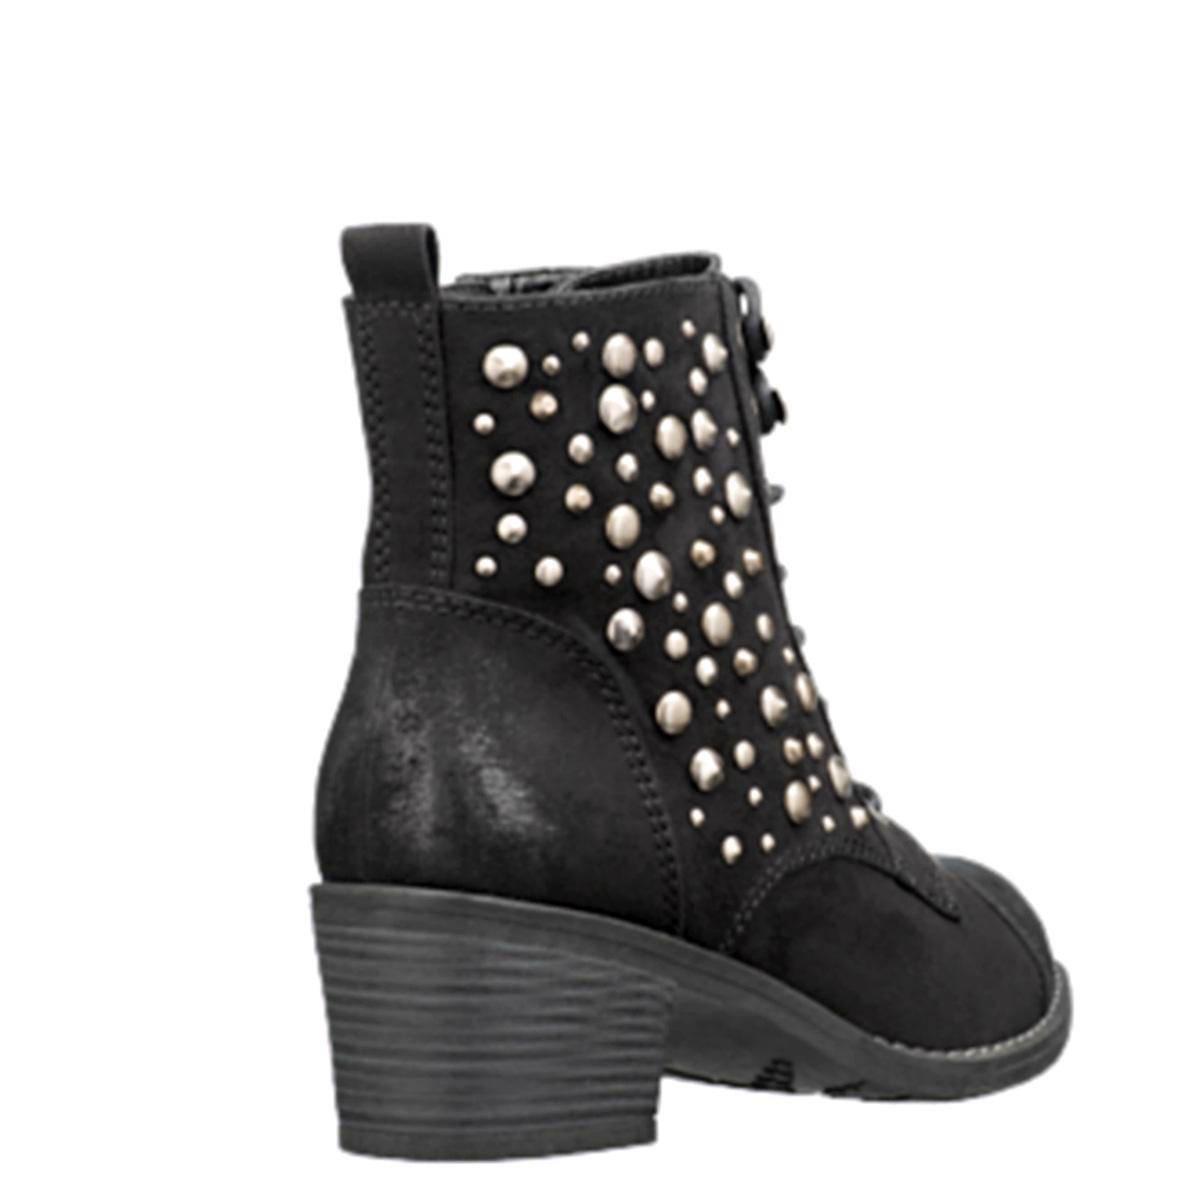 Graceland vanHaren Graceland halfhoge laarzen | wehkamp